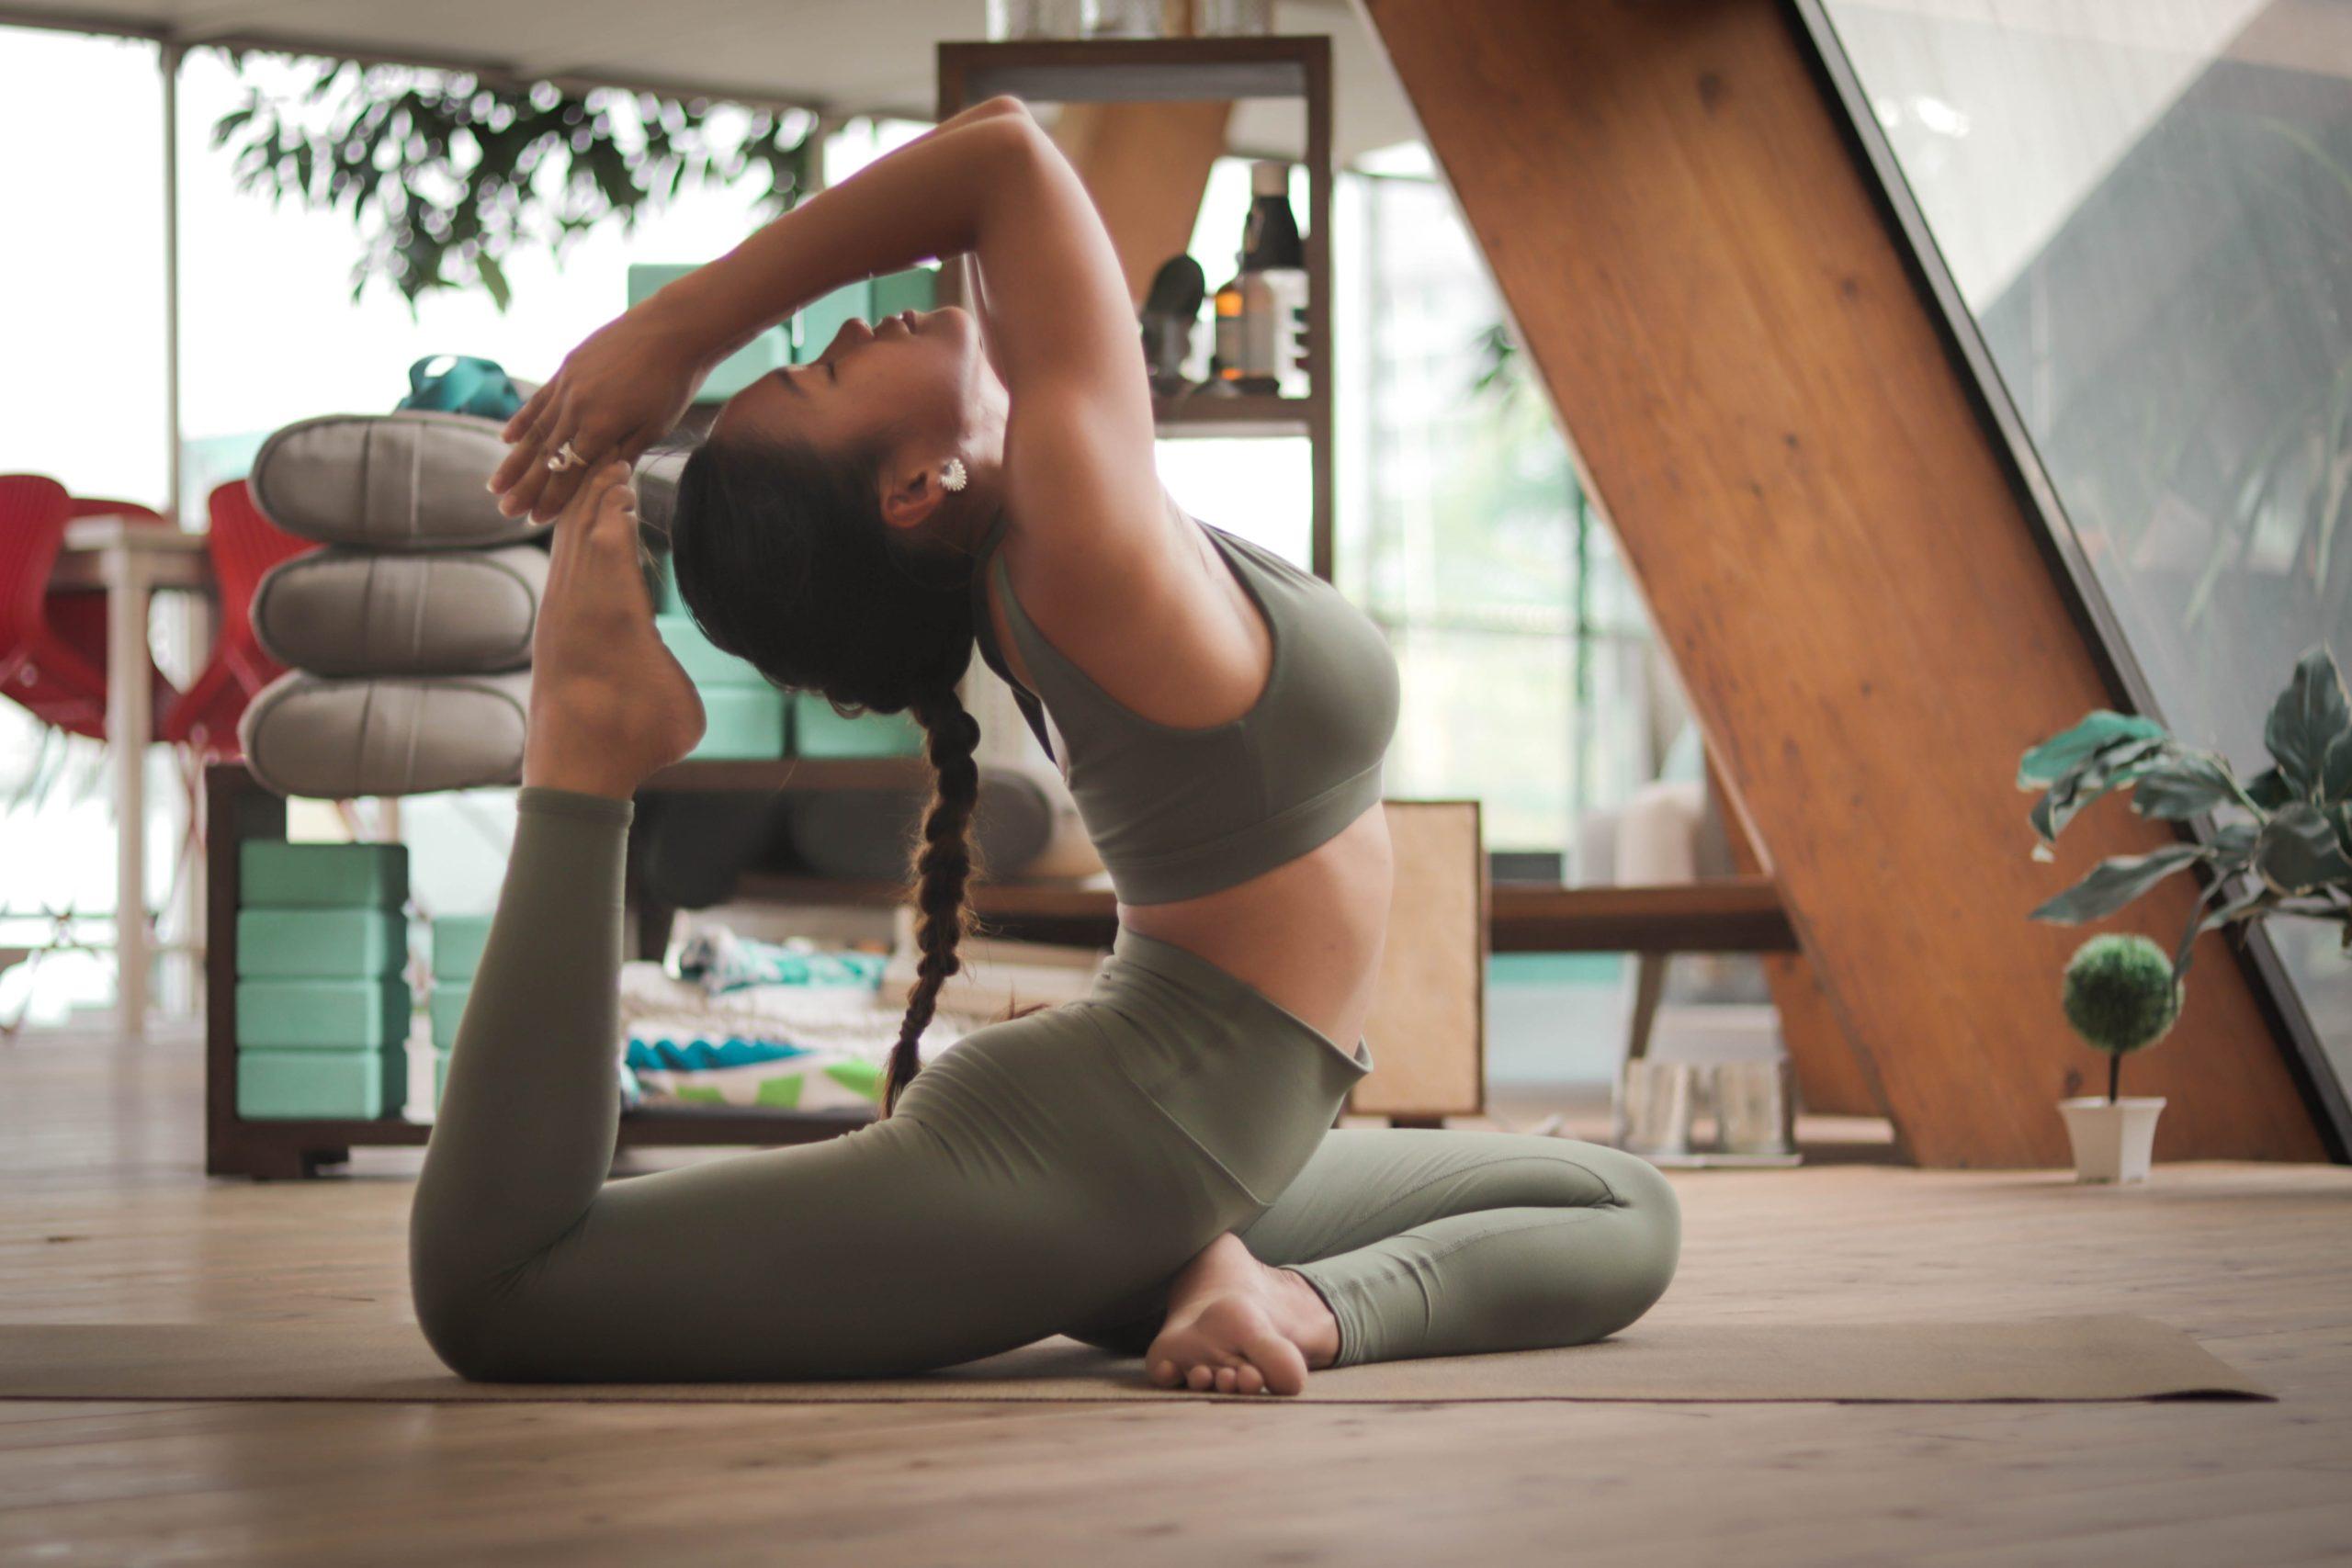 Yoga in Canandaigua, NY